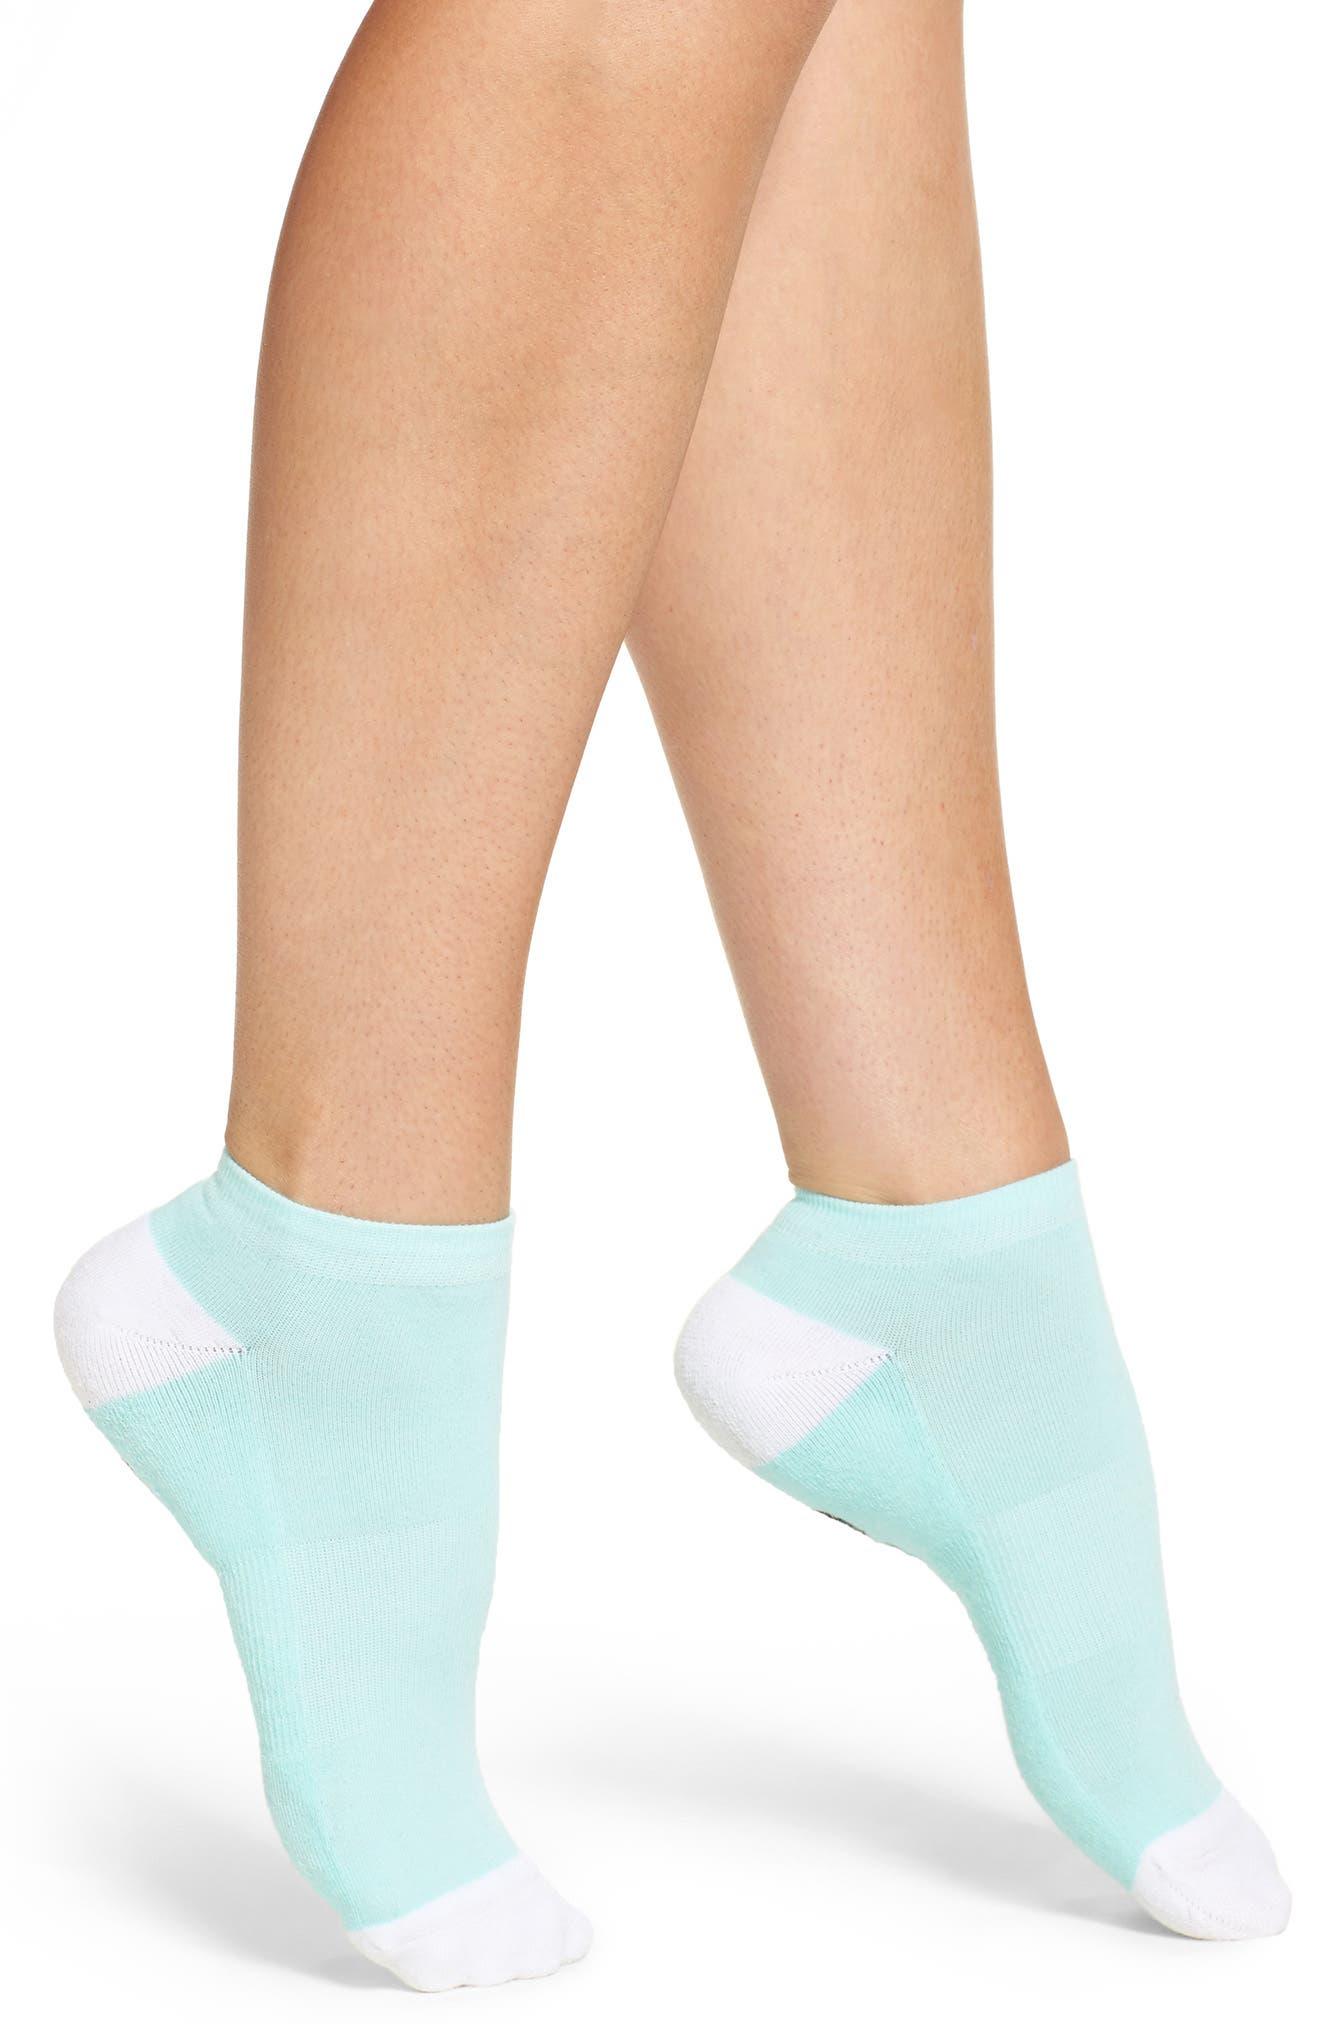 Alternate Image 2  - SOCKART Mermaid Vibes Ankle Socks